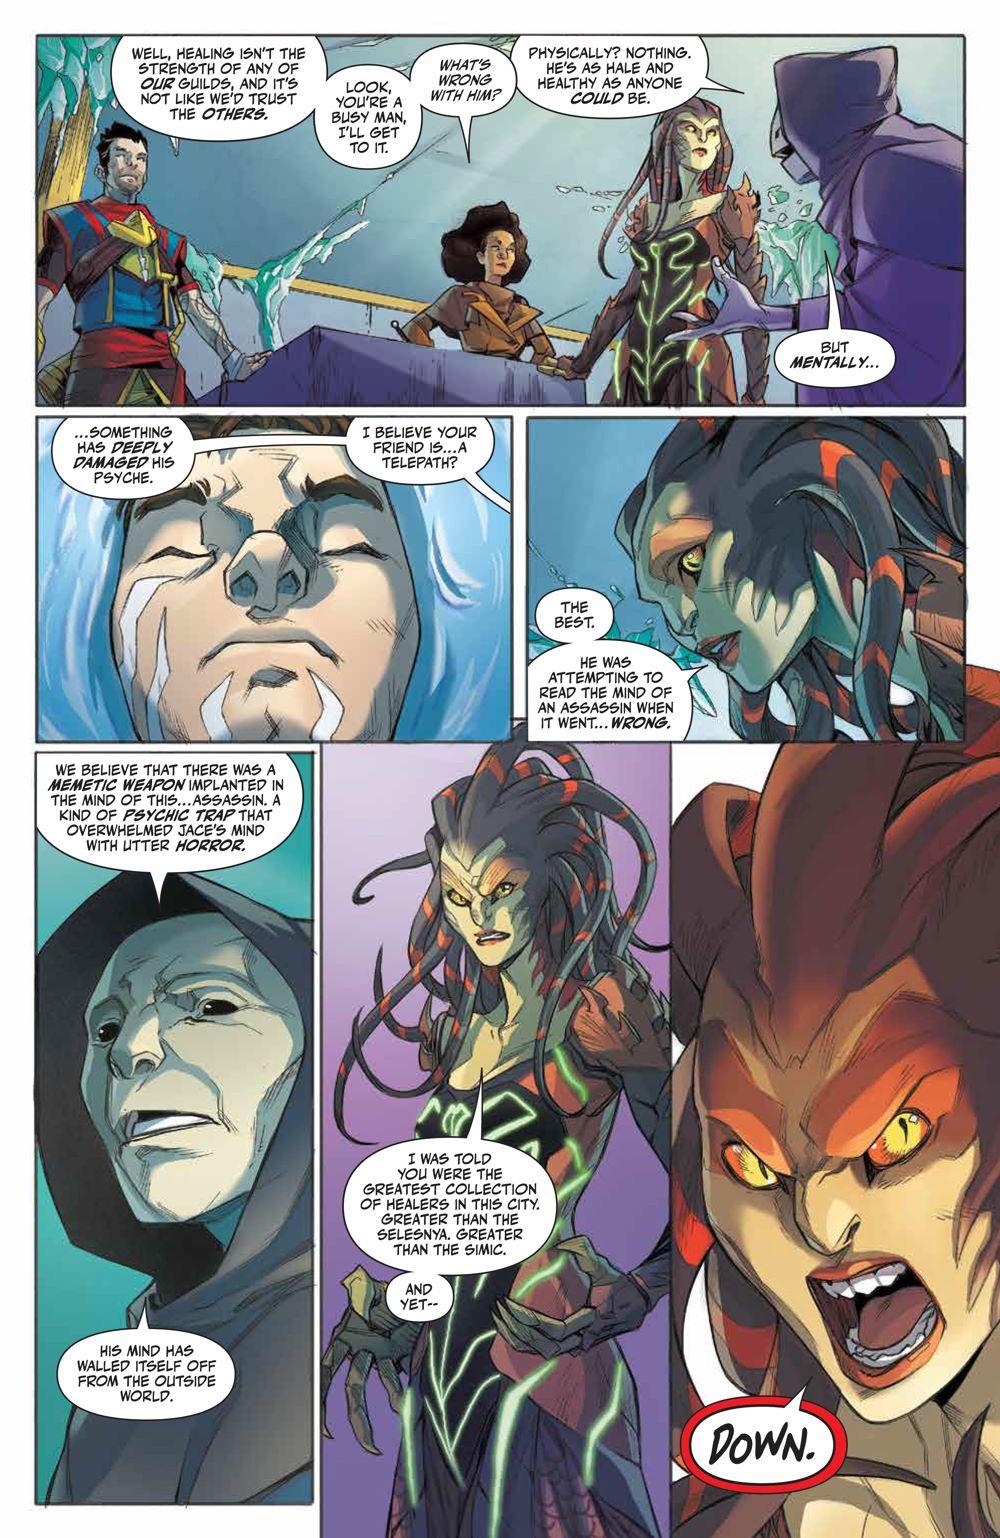 Magic_002_PRESS_8 ComicList Previews: MAGIC #2